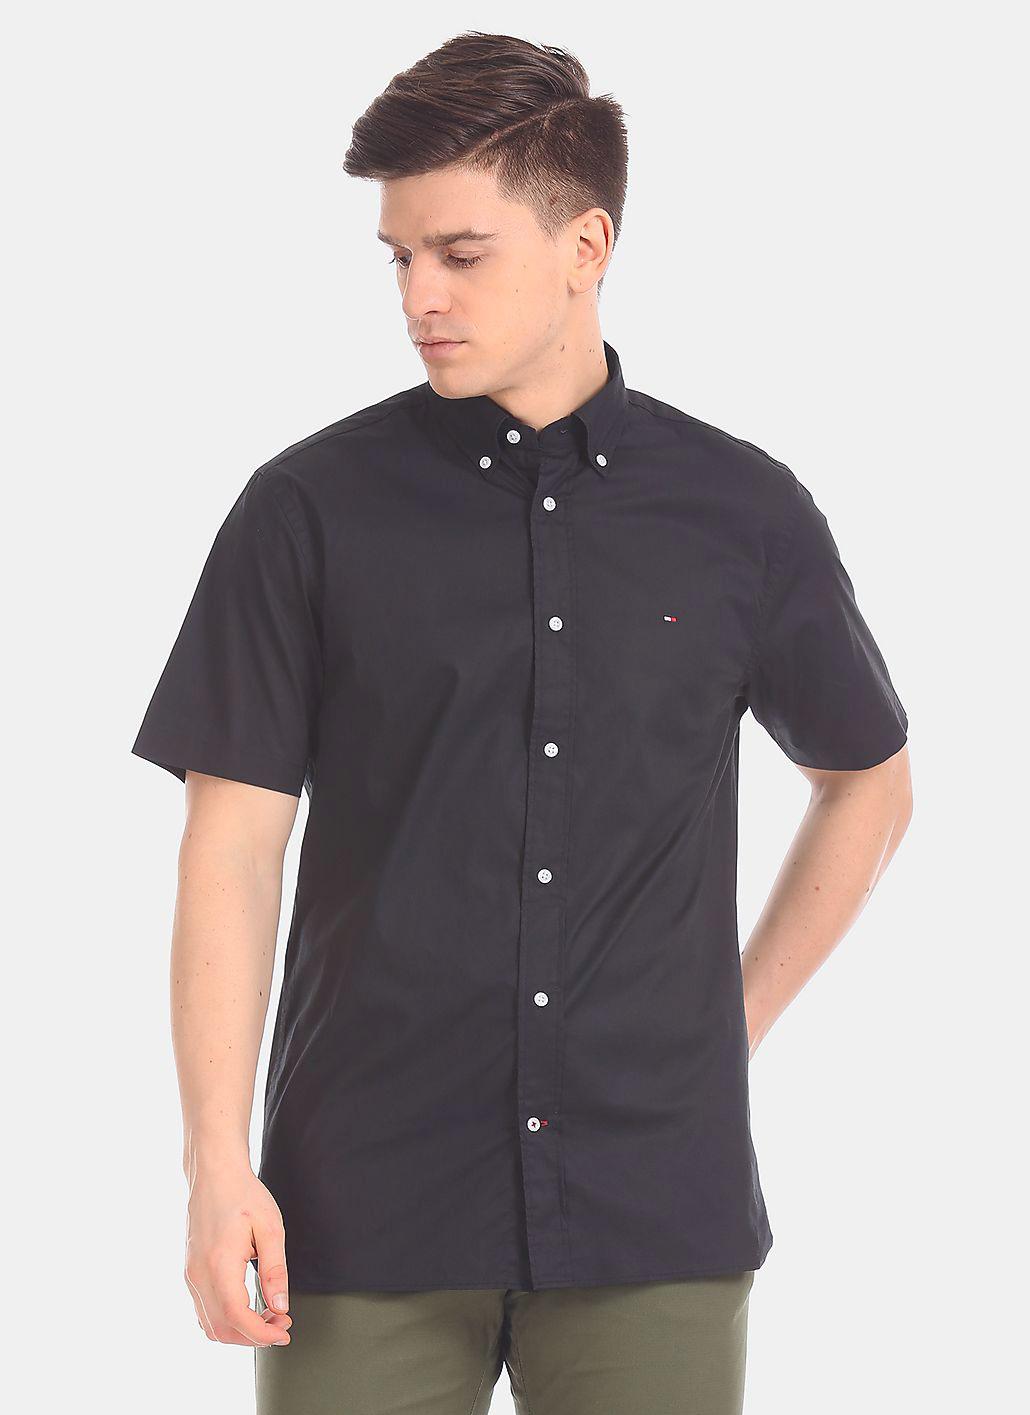 Camisa Tommy Hilfiger Masculina Manga Curta Regular Fit Oxford Preto